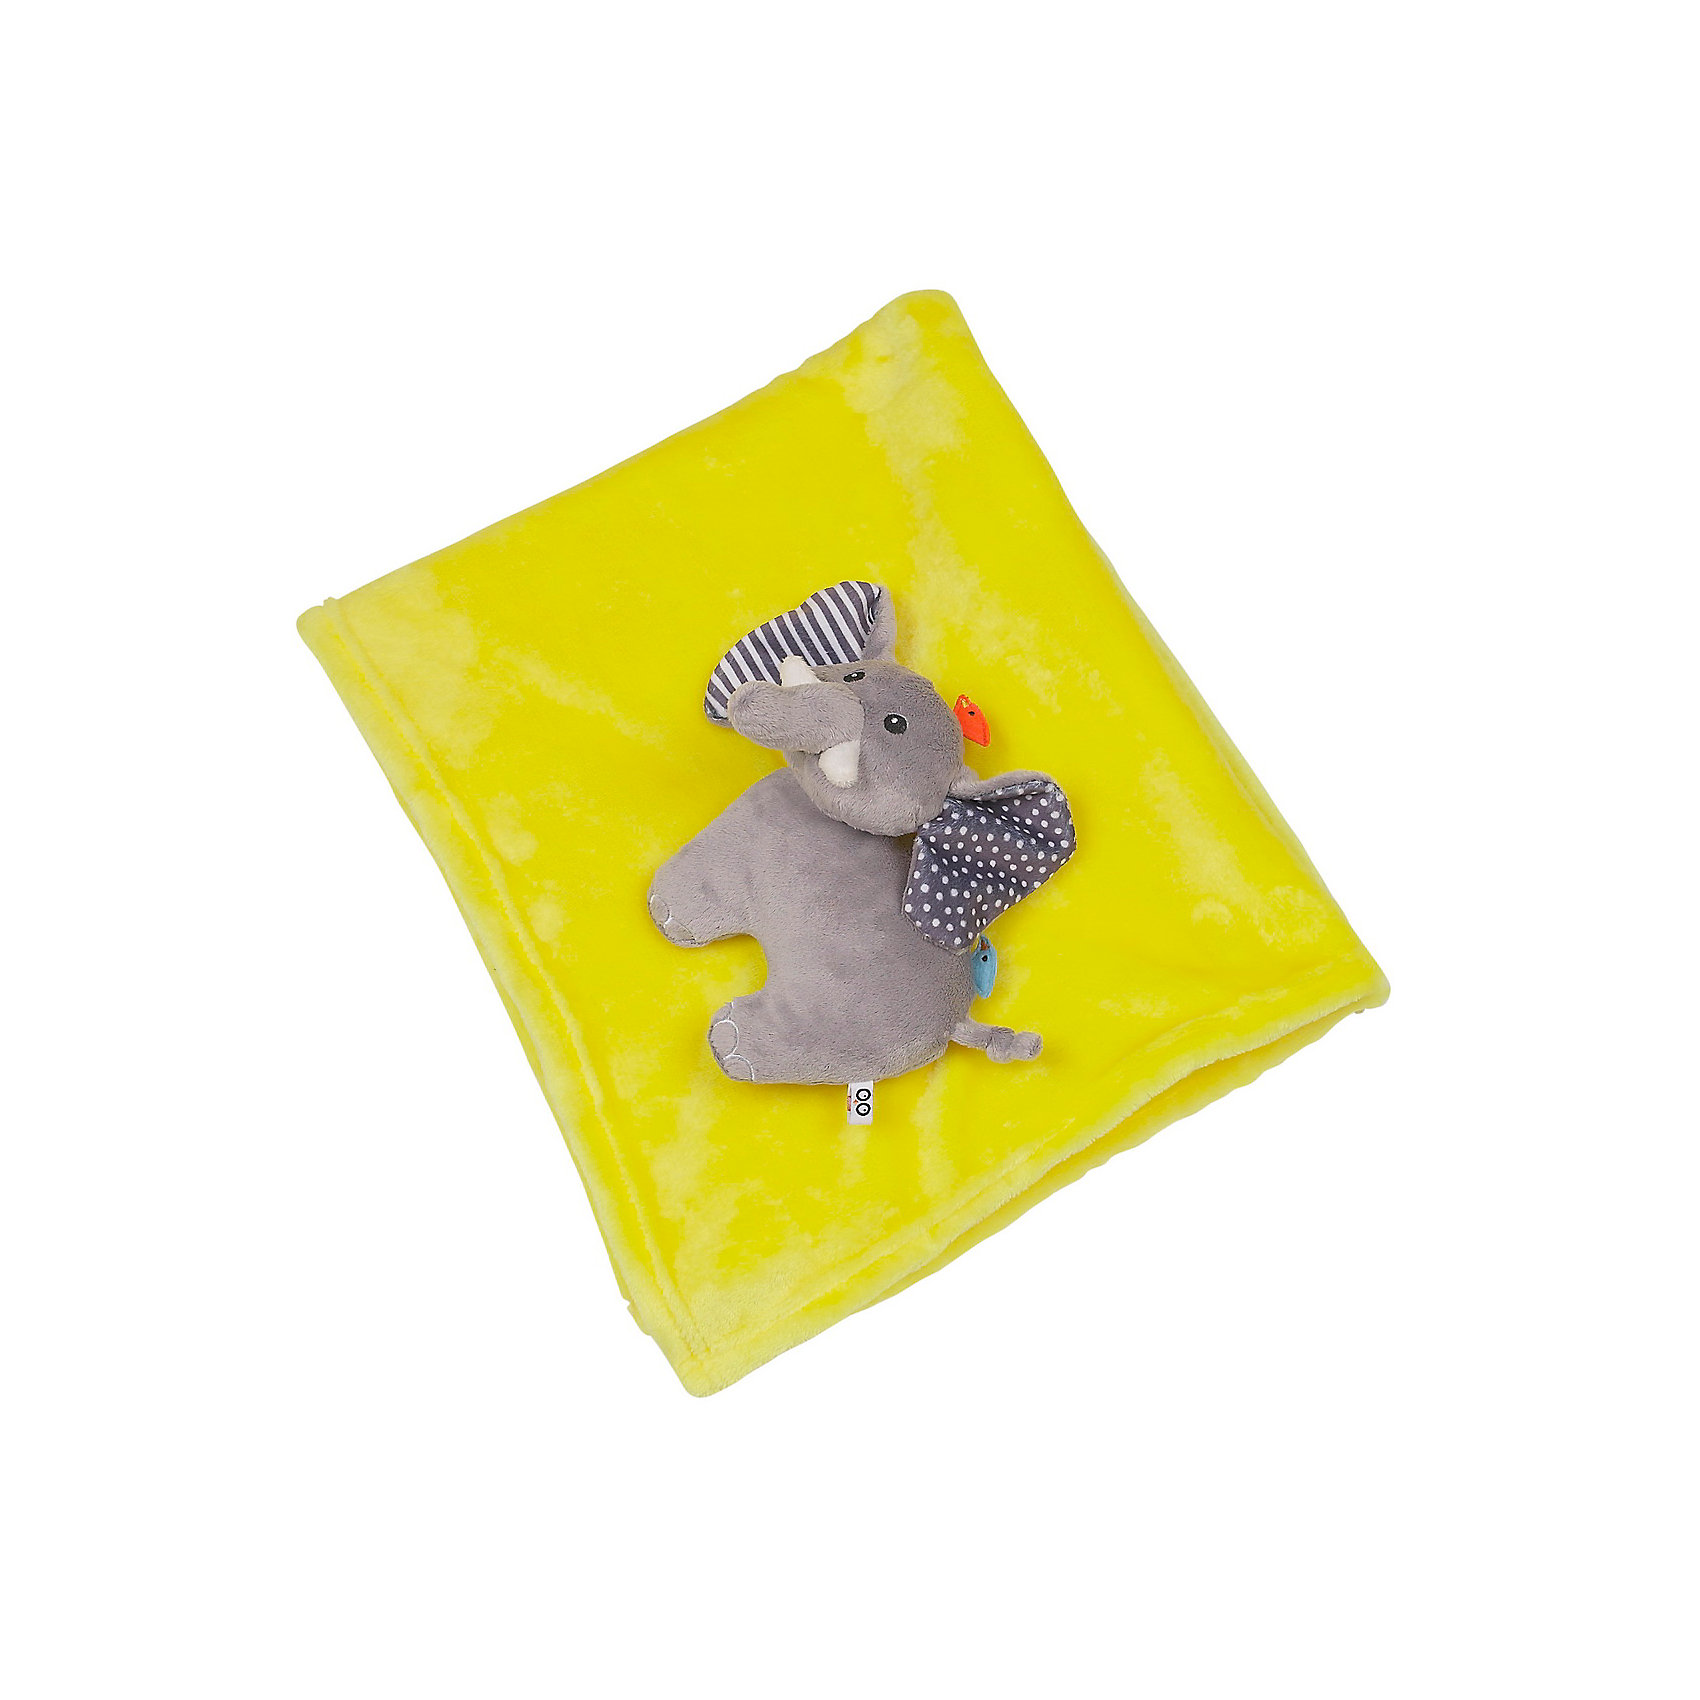 Одеяло с игрушкой Слон, Zoocchini, жёлтыйОдеяло с игрушкой Слон, жёлтый от американского бренда Zoocchini (Зукинни) поможет в оформлении интерьера детской комнаты и приведет в восторг вашего ребенка. Яркий желтый цвет одеяла и мягкий друг Слоник на уголке будут радовать глаз и развлекать, а нежная плюшевая ткань очень приятна на ощупь и подарить тепло и комфорт маленькому крохе. Одеяло можно брать с собой на природу, в машину или в коляску во время прогулки прохладным вечером. <br>Дополнительная информация:<br>- Состав: 100% полиэстер<br>- Размер: 68,5 * 99 см.<br>Одеяло с игрушкой Слон, жёлтый Zoocchini(Зукини) можно купить в нашем интернет-магазине.<br>Подробнее:<br>• Для детей в возрасте: от 0 до 3 лет<br>• Номер товара: 4976014<br>Страна производитель: Китай<br><br>Ширина мм: 255<br>Глубина мм: 75<br>Высота мм: 255<br>Вес г: 418<br>Возраст от месяцев: 0<br>Возраст до месяцев: 36<br>Пол: Унисекс<br>Возраст: Детский<br>SKU: 4976014